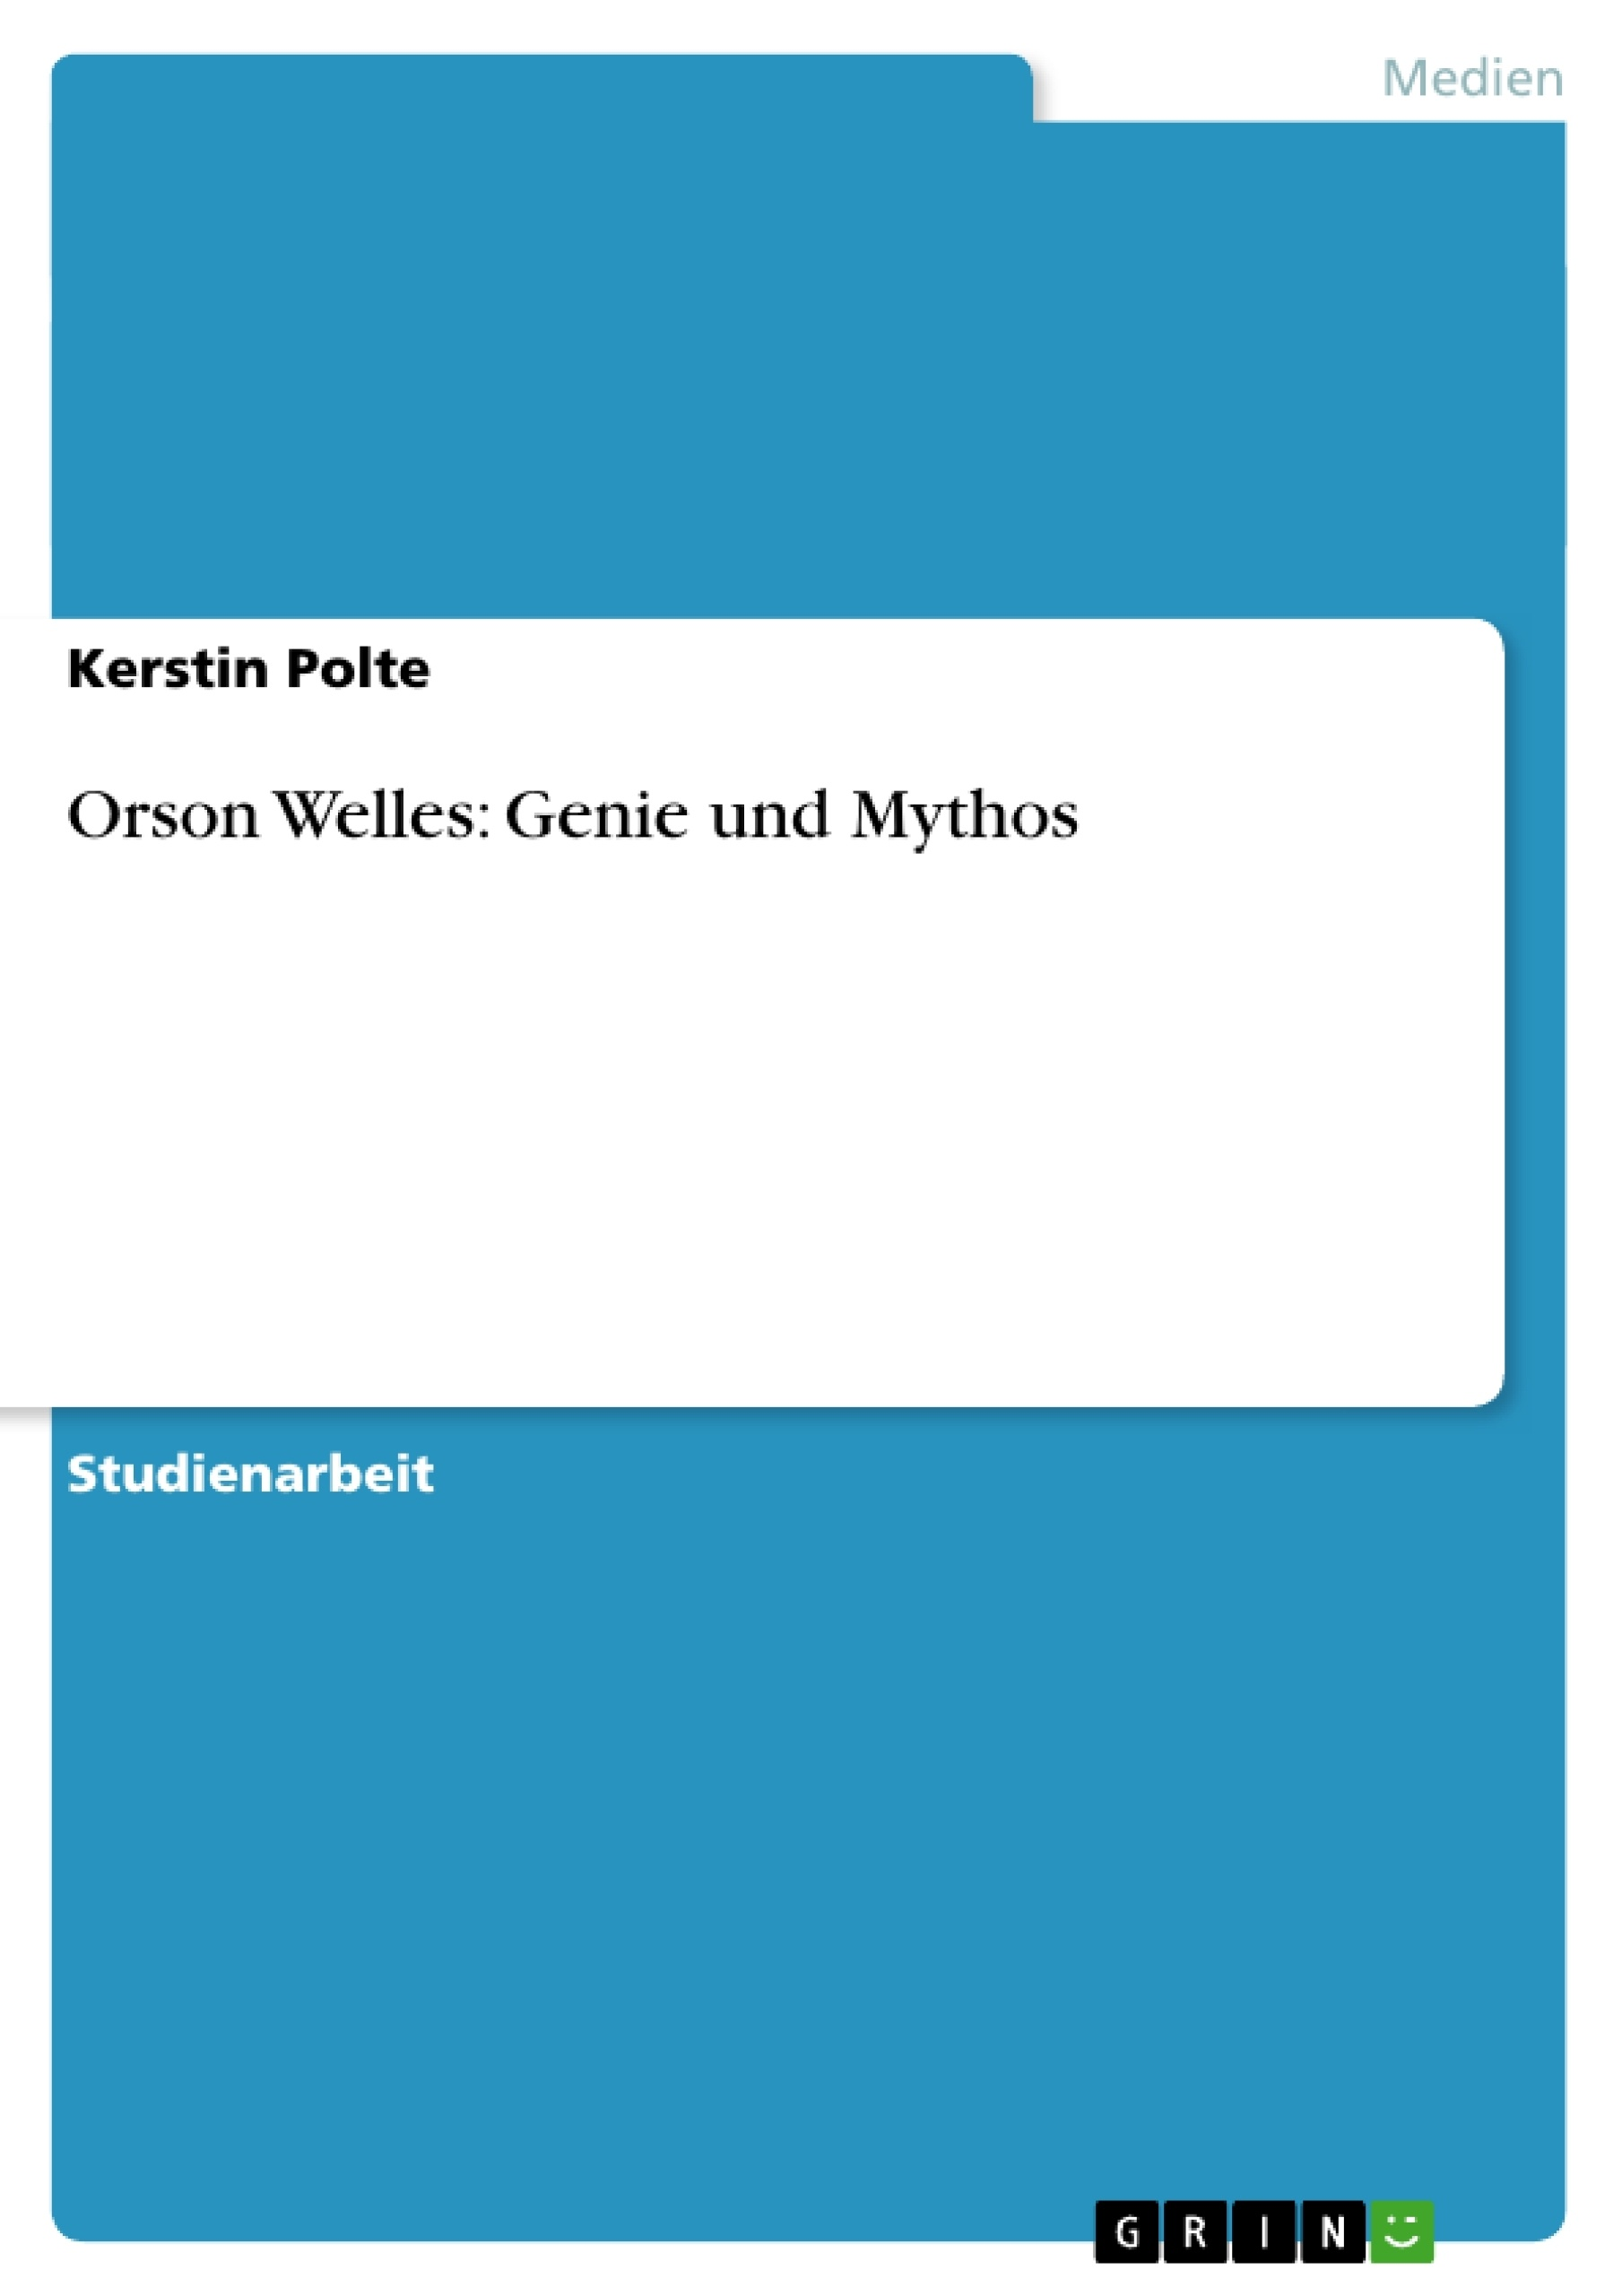 Titel: Orson Welles: Genie und Mythos